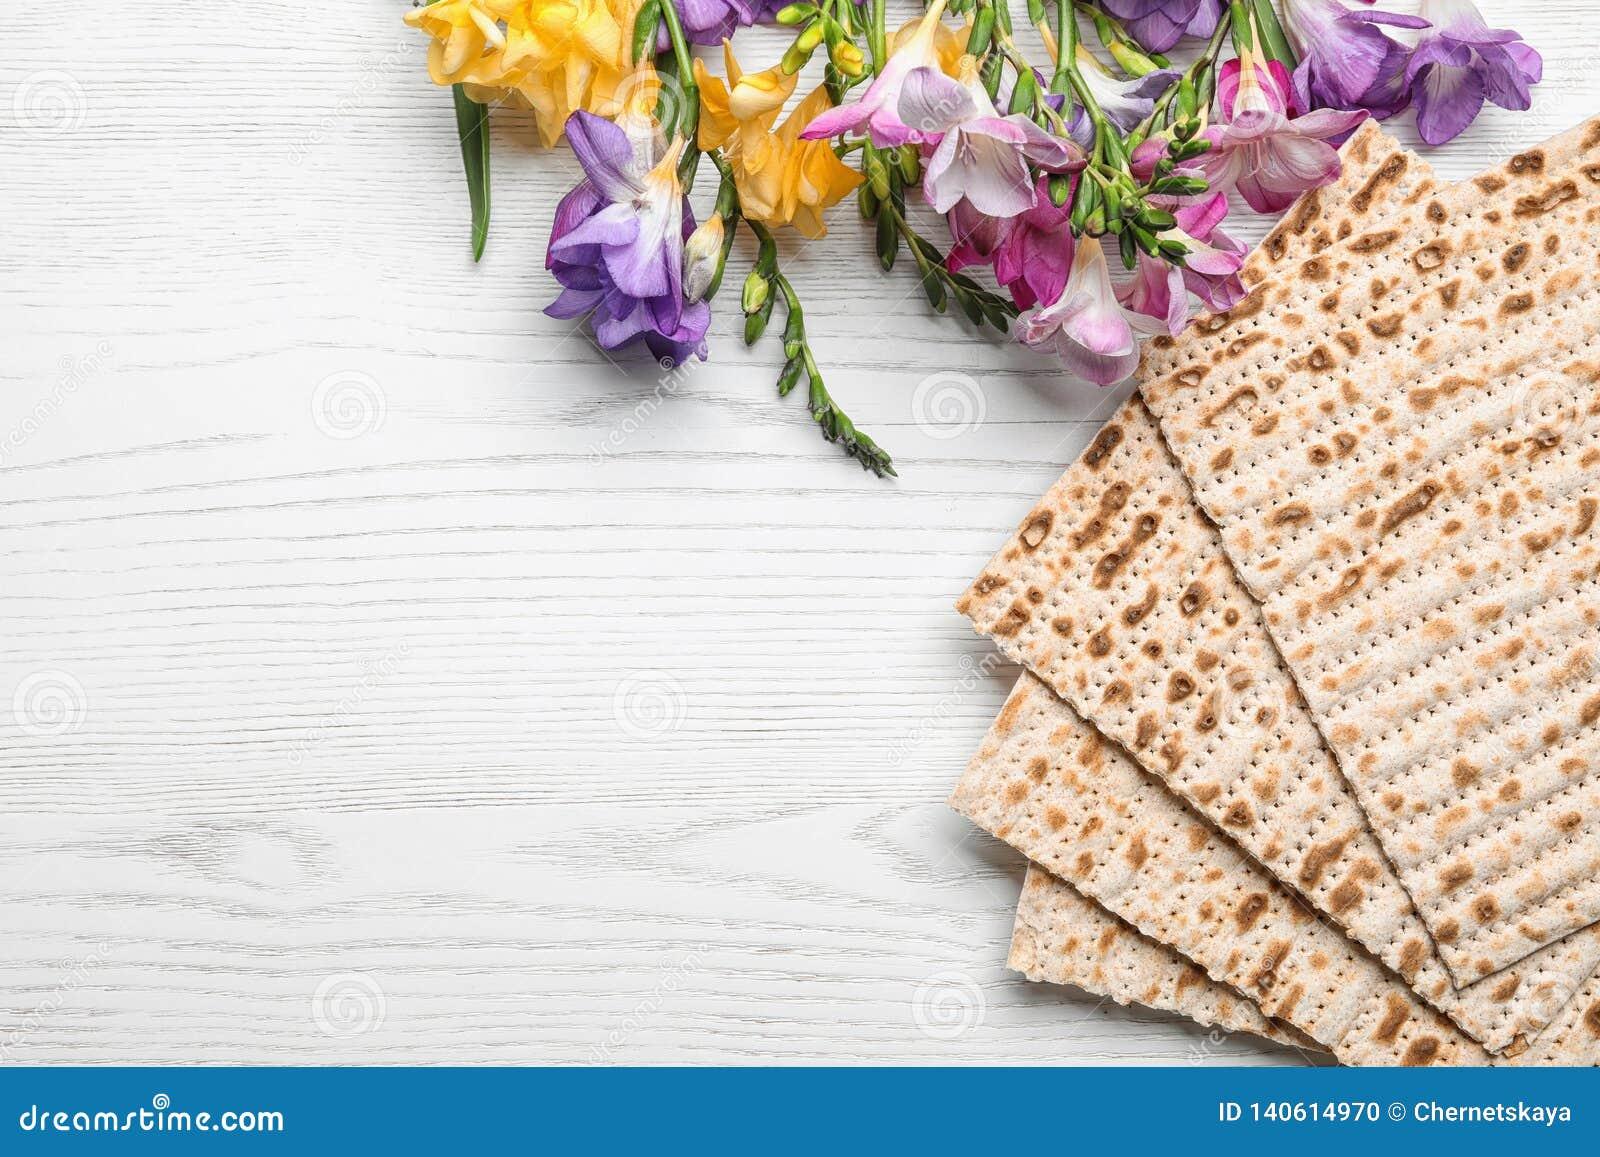 Composición puesta plana del matzo y de flores en fondo de madera Pascua judía Pesach Seder